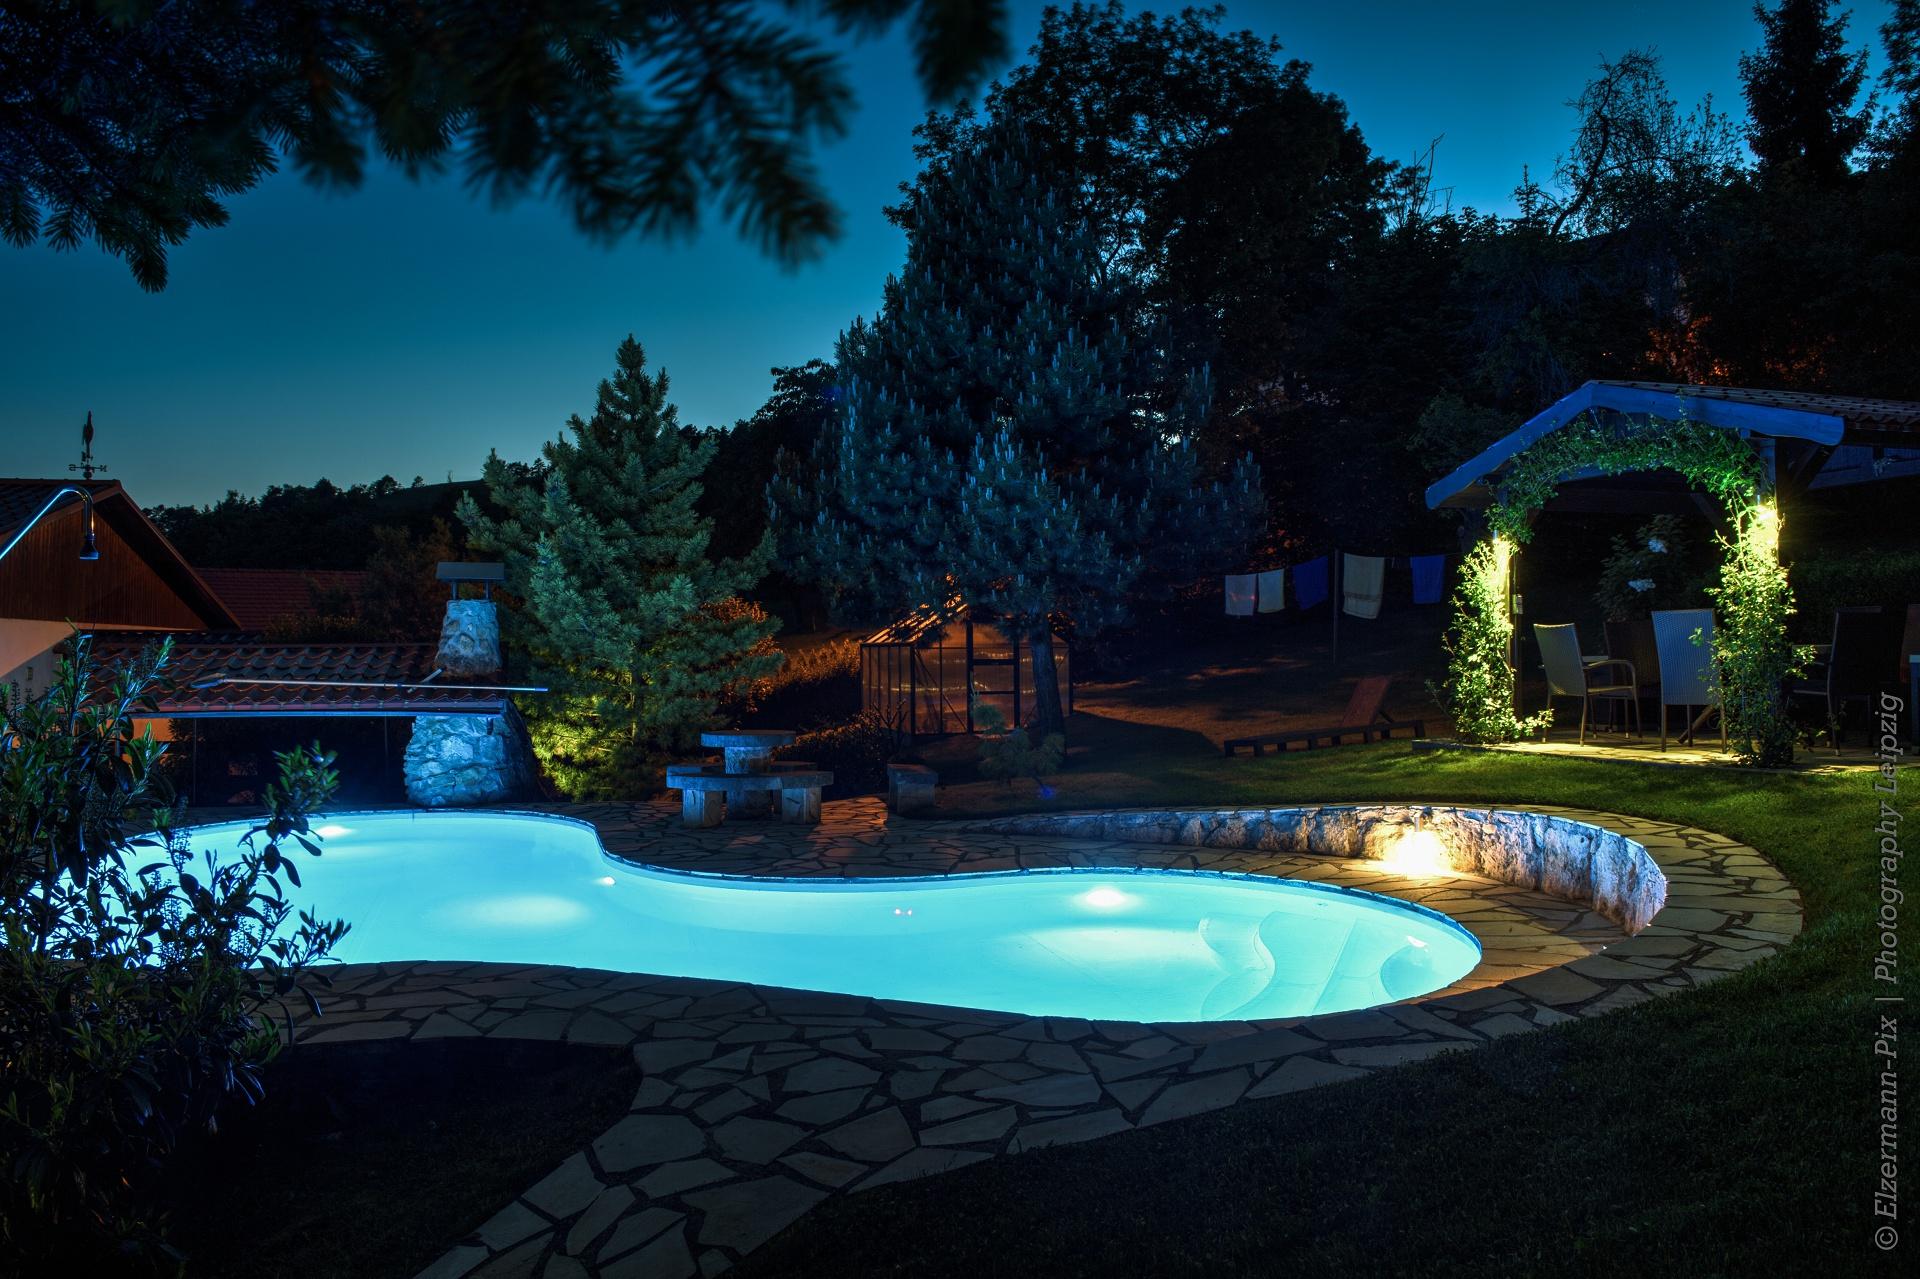 ... relaxen im Pool und Wellnessbereich,